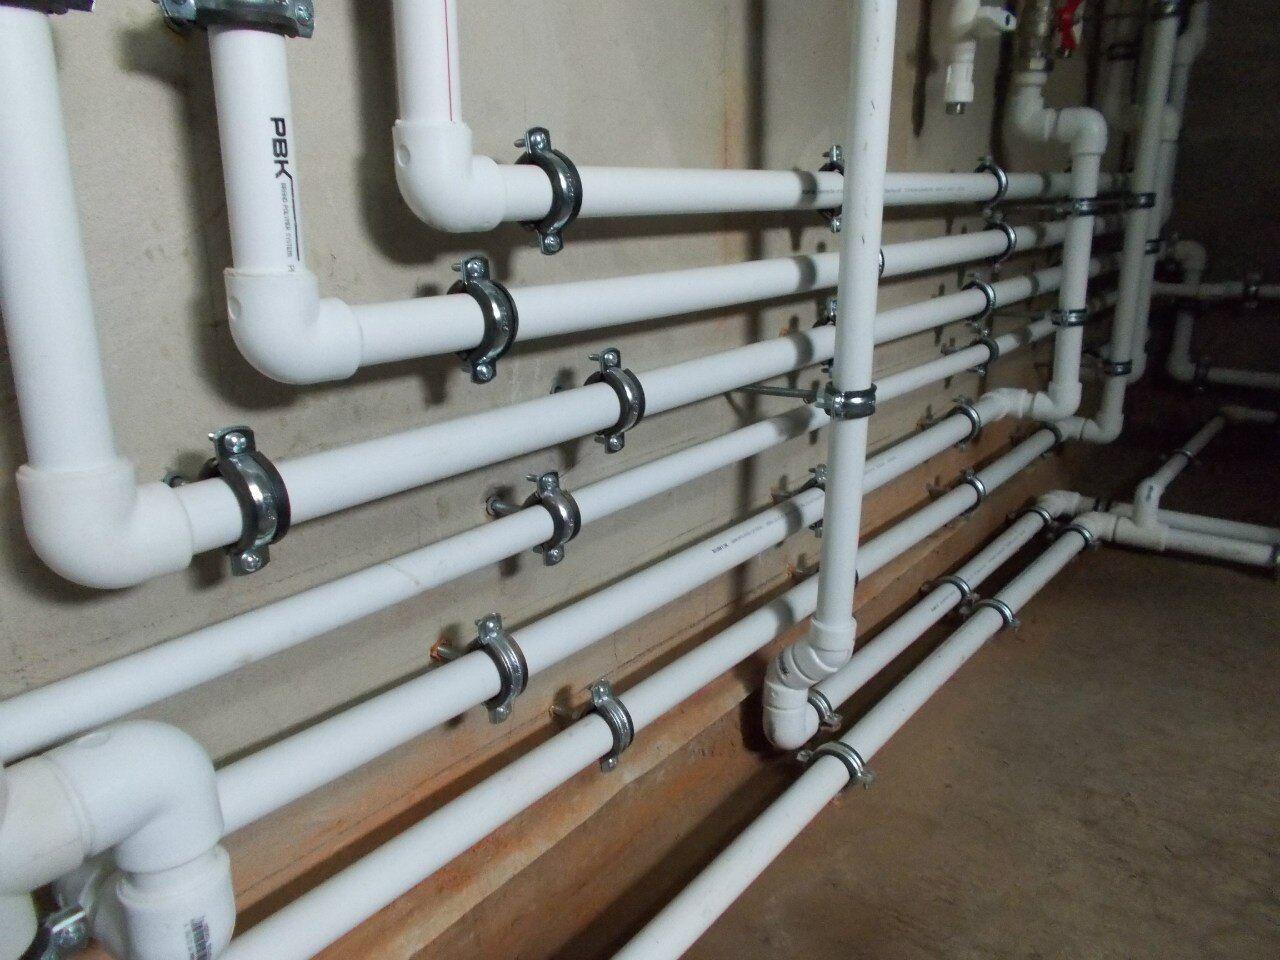 Монтаж водопровода из полипропиленовых труб в квартире своими руками